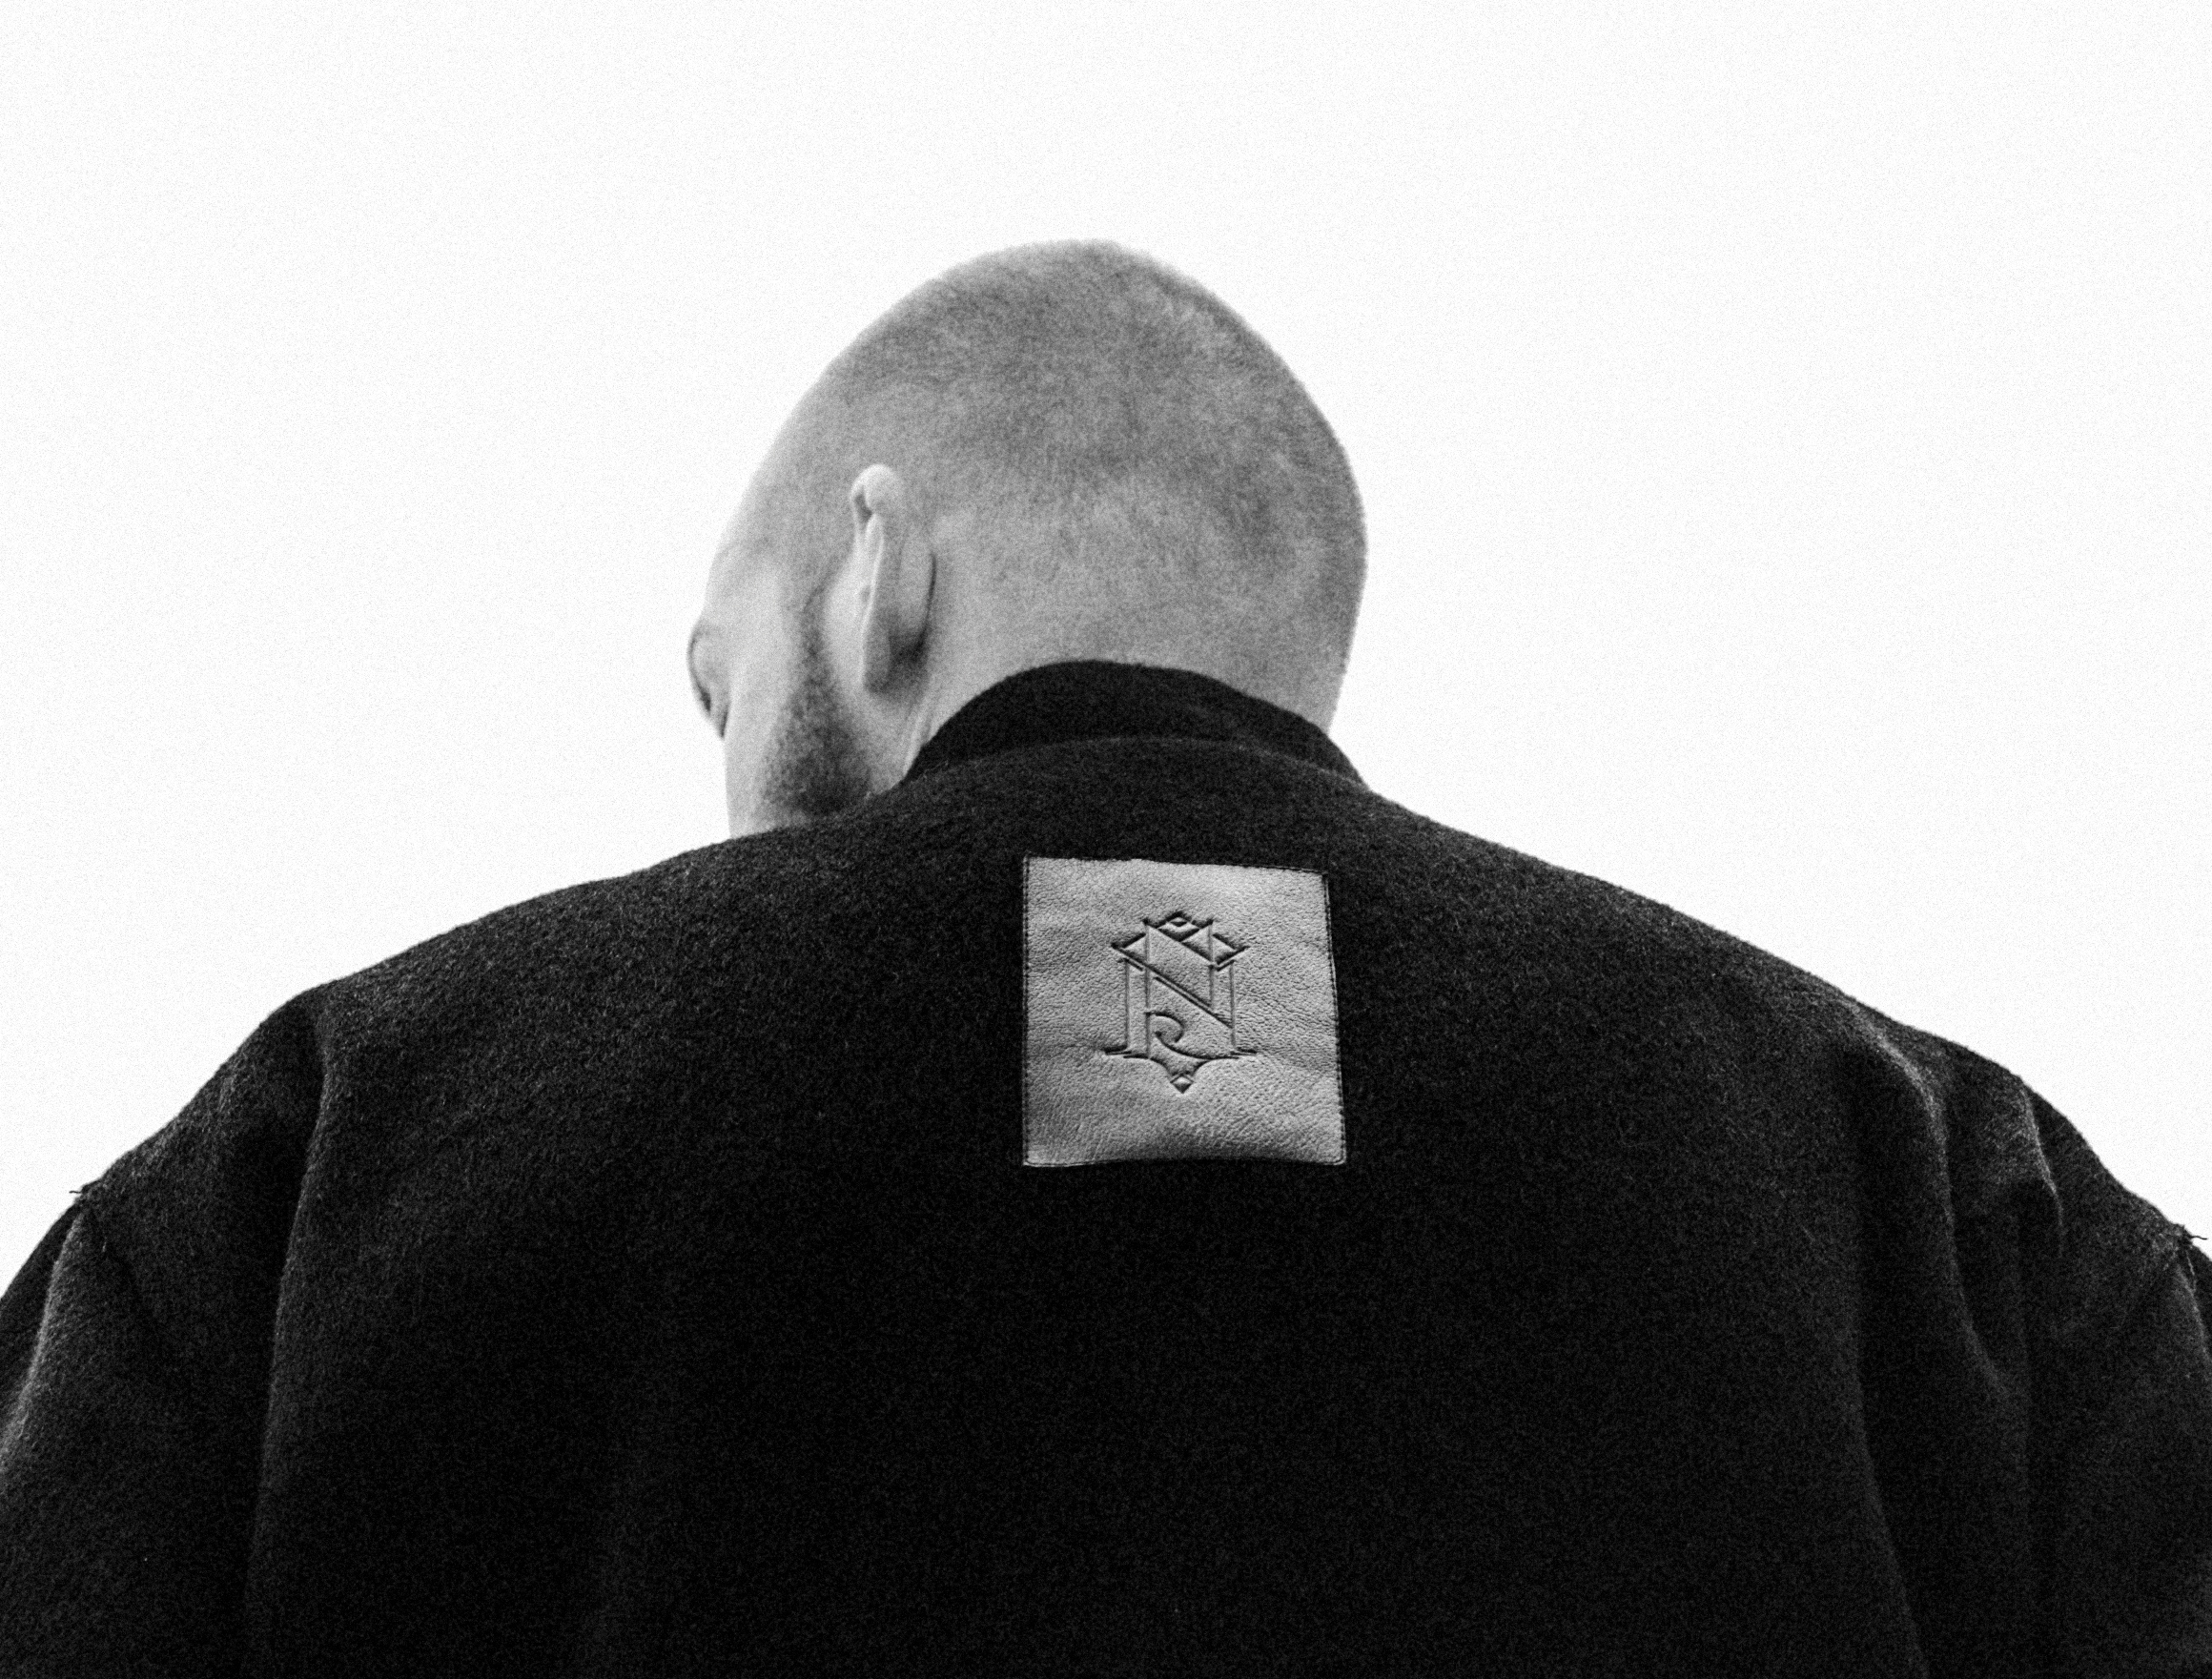 Всички (в София) знаят кои са, но дизайнерите на Minoar предпочитат да си останат сравнително анонимни създатели на мъжка и женска мода без определена географска принадлежност (сайтът им също няма ...